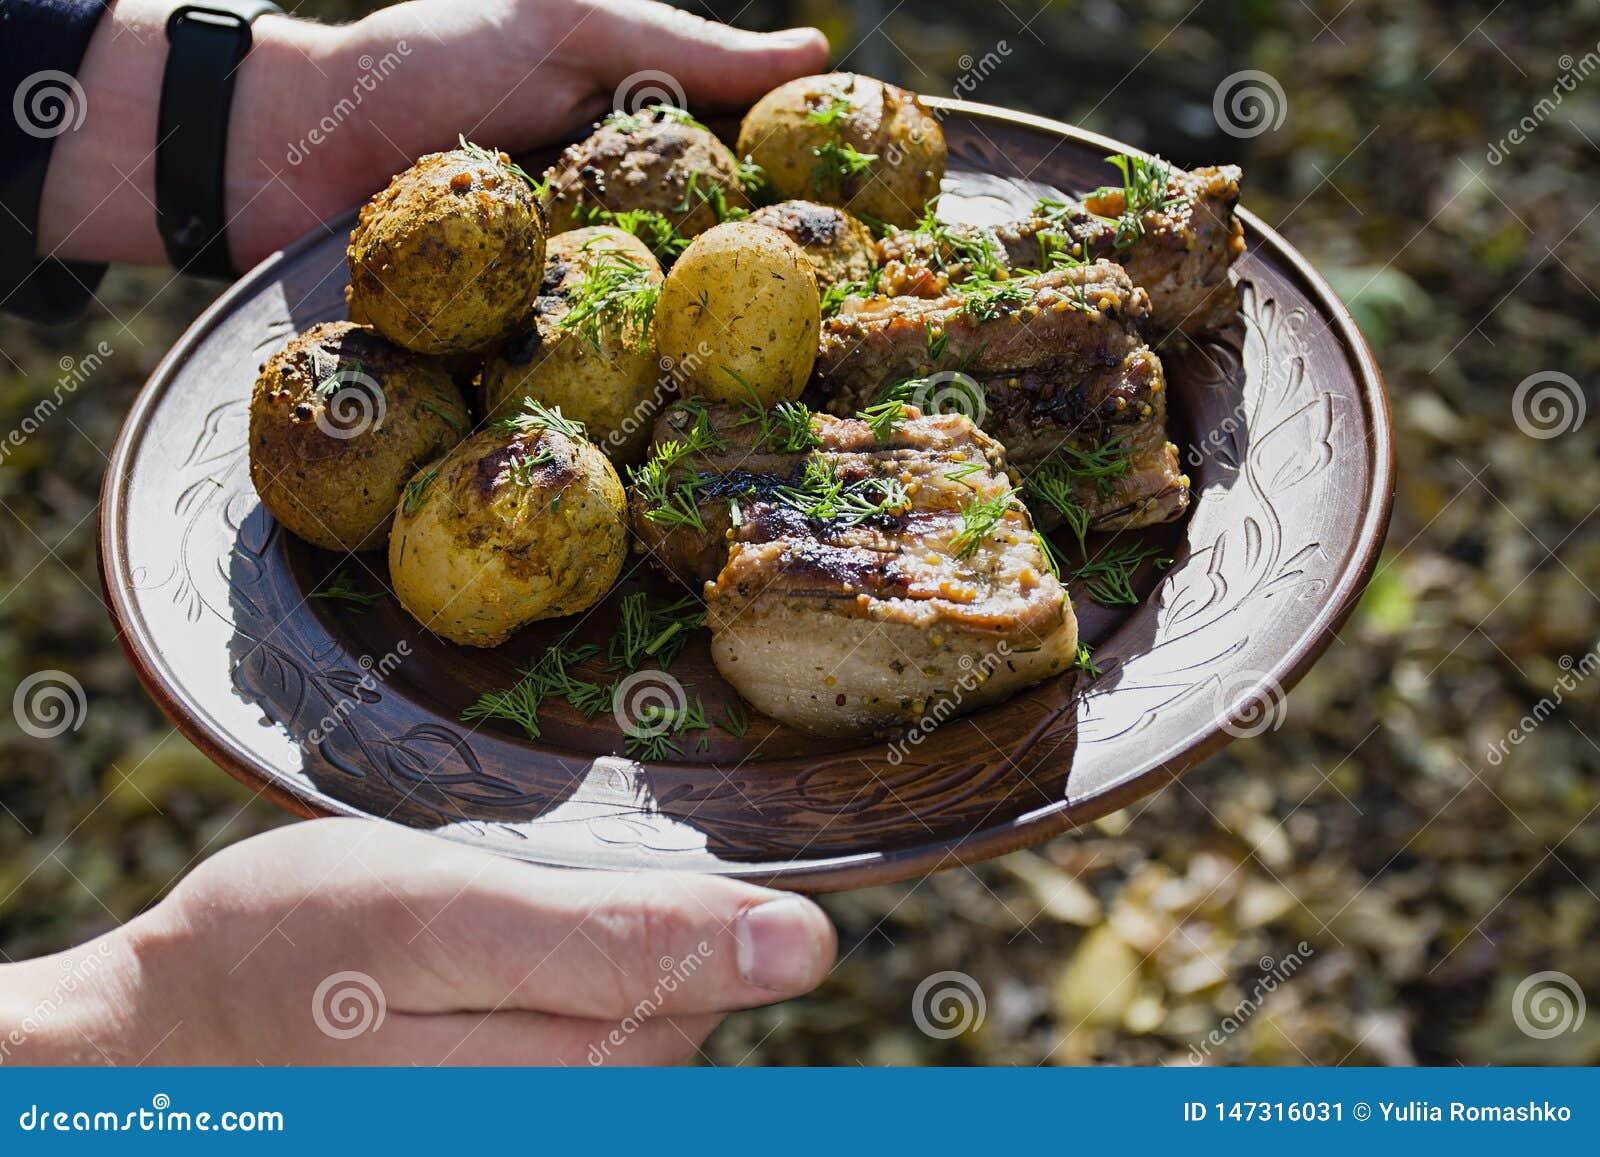 Patate cotte con le costole di carne di maiale sul fuoco presentato su un piatto dell argilla, decorato con i verdi Cena in natur